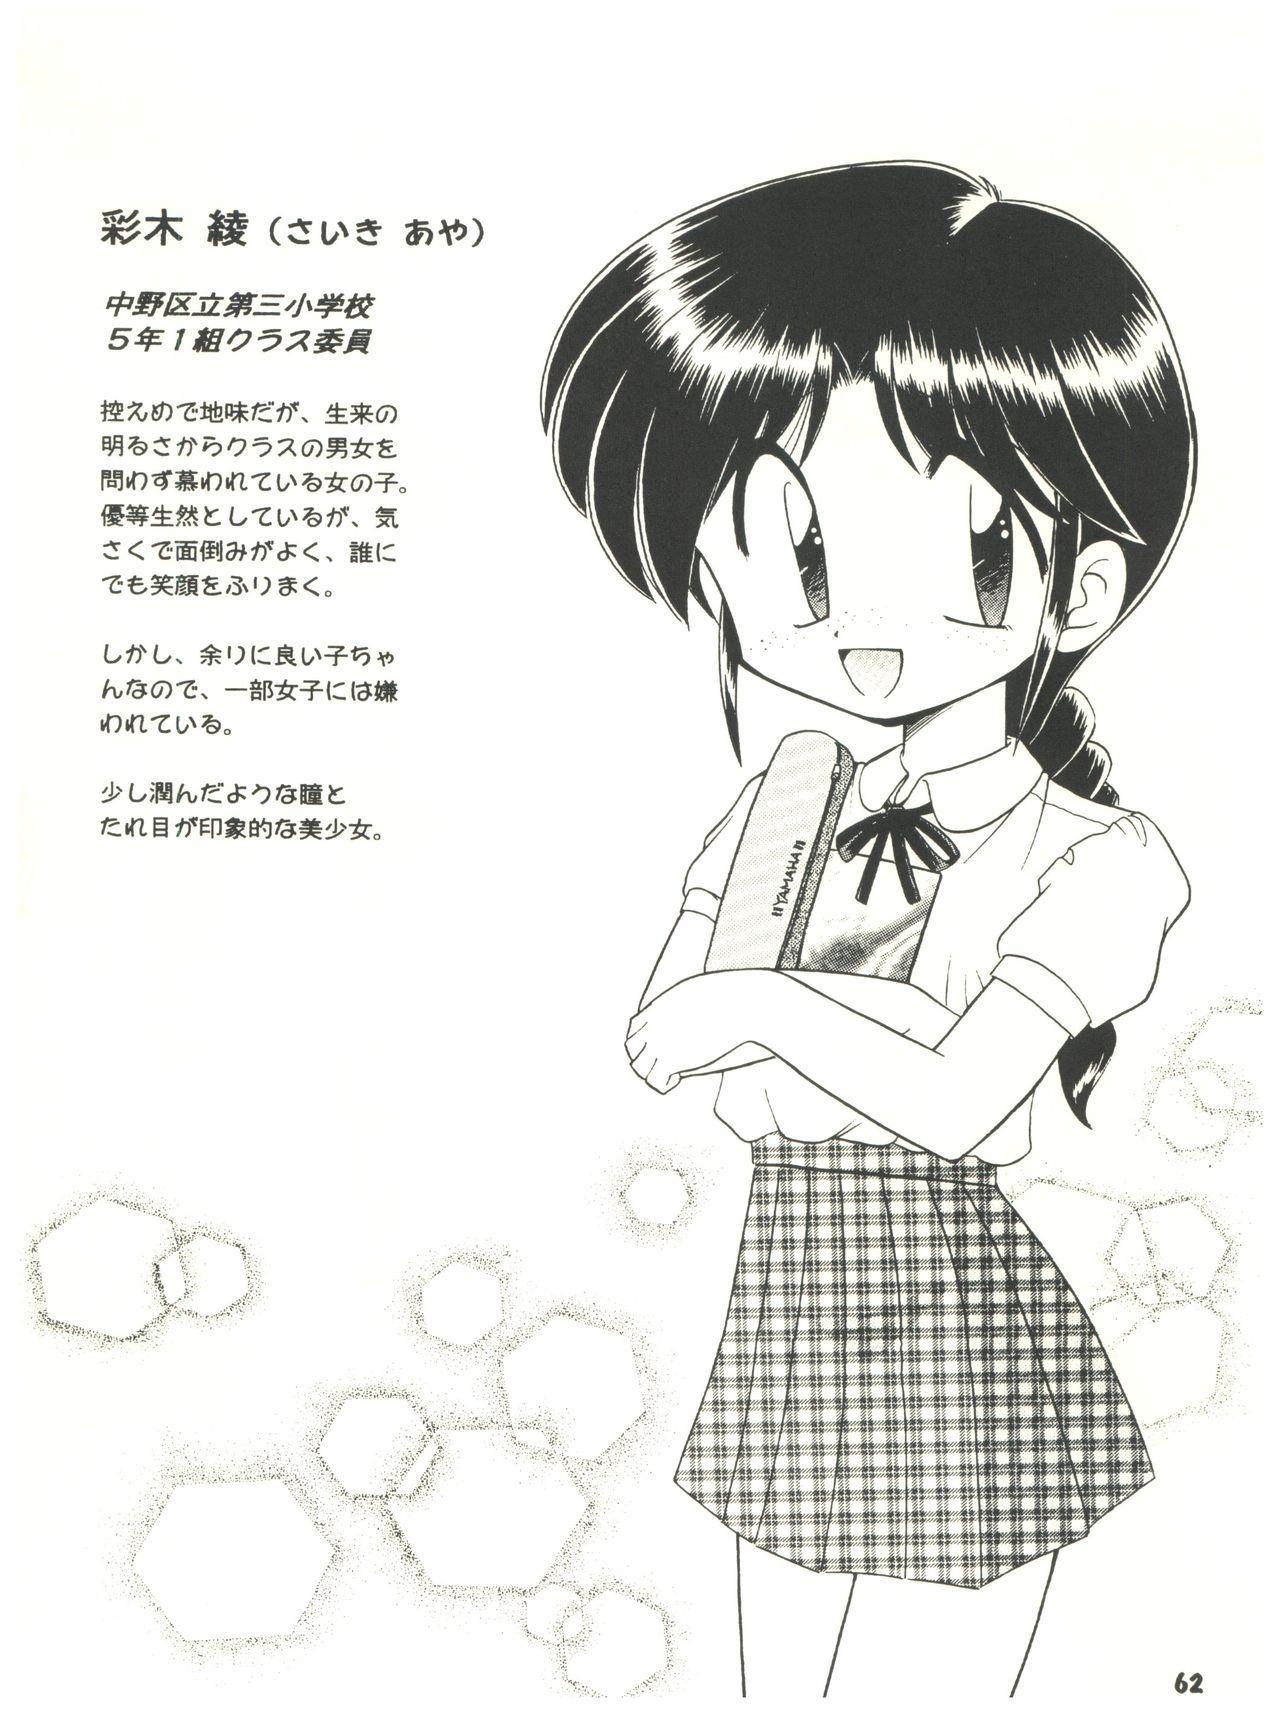 [Sairo Publishing (J. Sairo) En-Jack 2 (Various) 61